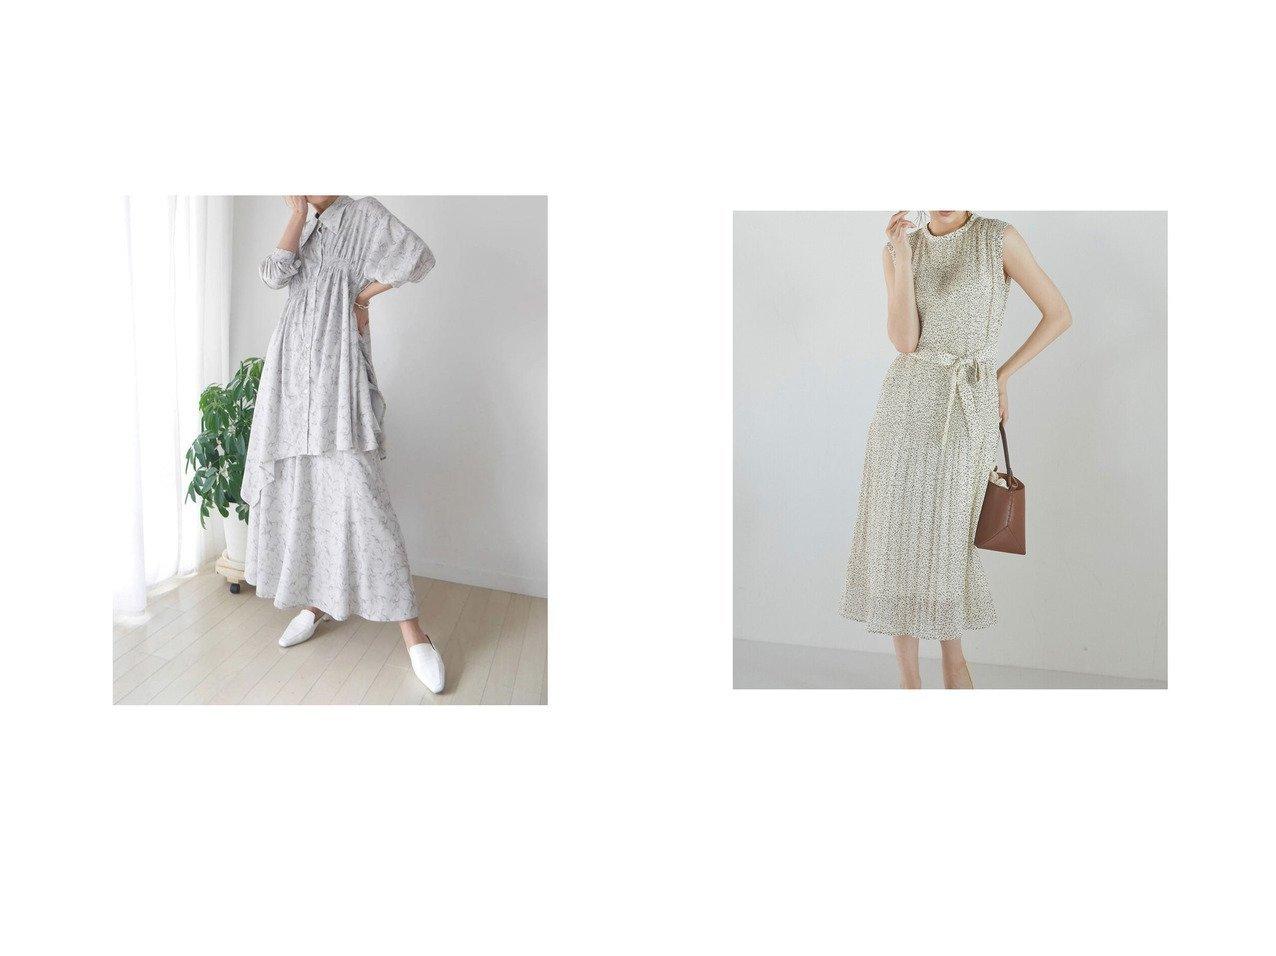 【LADYMADE/レディメイド】のMarble Art フレアSK&【Ketty/ケティ】のマジョリカプリーツ幾何柄プリントワンピース おすすめ!人気、トレンド・レディースファッションの通販 おすすめで人気の流行・トレンド、ファッションの通販商品 インテリア・家具・メンズファッション・キッズファッション・レディースファッション・服の通販 founy(ファニー) https://founy.com/ ファッション Fashion レディースファッション WOMEN スカート Skirt ワンピース Dress 2021年 2021 2021春夏・S/S SS/Spring/Summer/2021 S/S・春夏 SS・Spring/Summer フェミニン フレア プリント マーブル ロング 春 Spring A/W・秋冬 AW・Autumn/Winter・FW・Fall-Winter シフォン フィット プリーツ リボン |ID:crp329100000042306